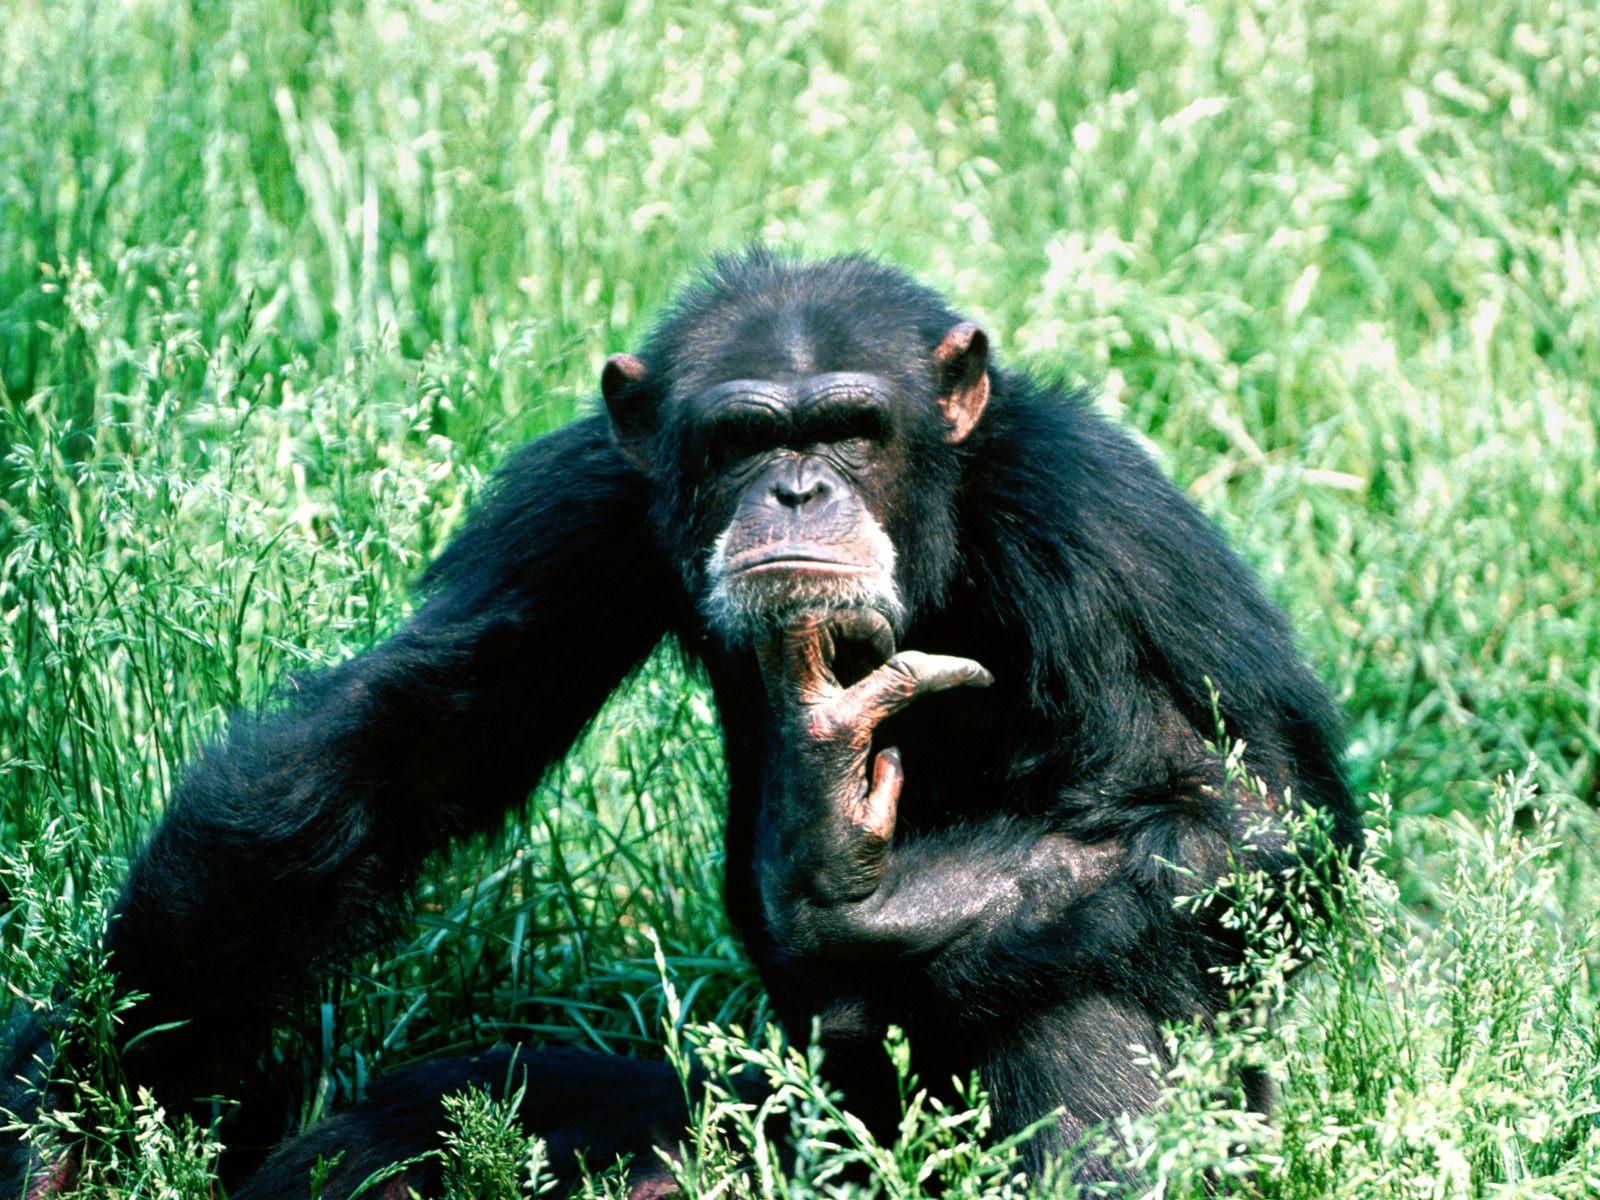 http://2.bp.blogspot.com/-M7_FzMgn2Cc/TaVUlLpHzxI/AAAAAAAAAZM/rAKZta4jEio/s1600/Chimpanzee+Wallpaper.jpg